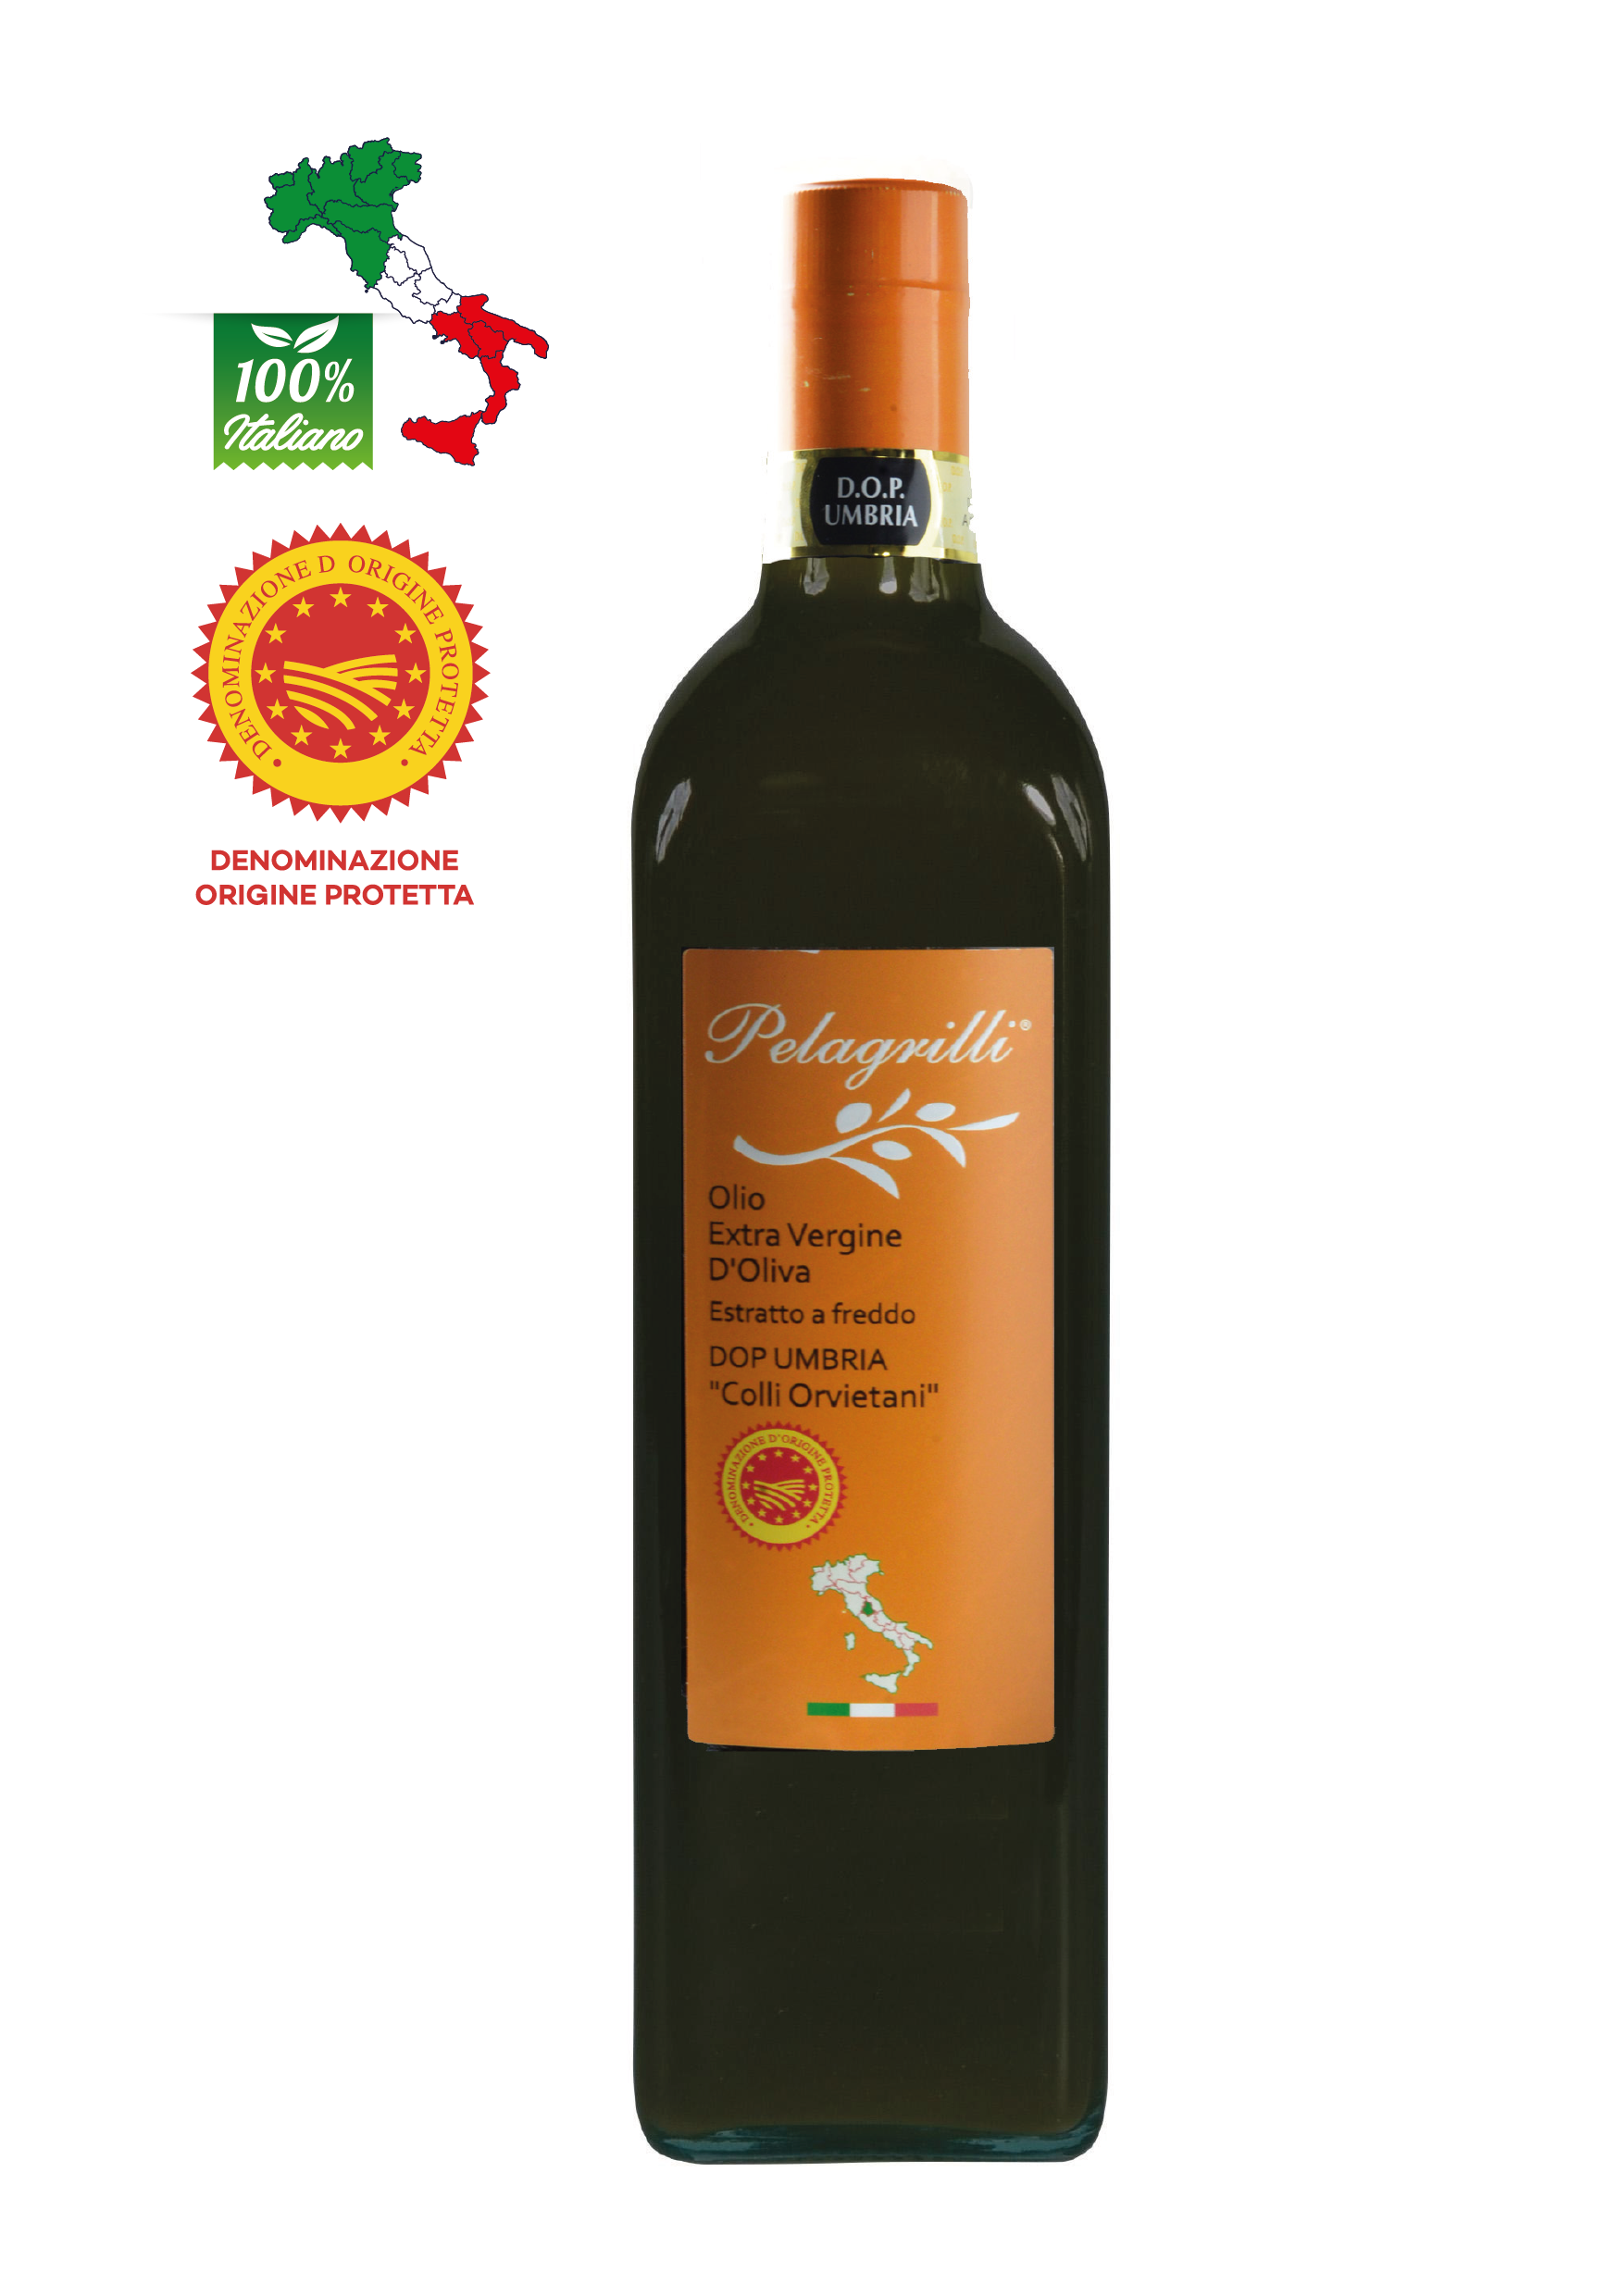 DOP UMBRIA Colli Orvietani  LT 0,75  Olio extravergine di oliva - Raccolto 2021-2022 - estratto a freddo - FILTRATO